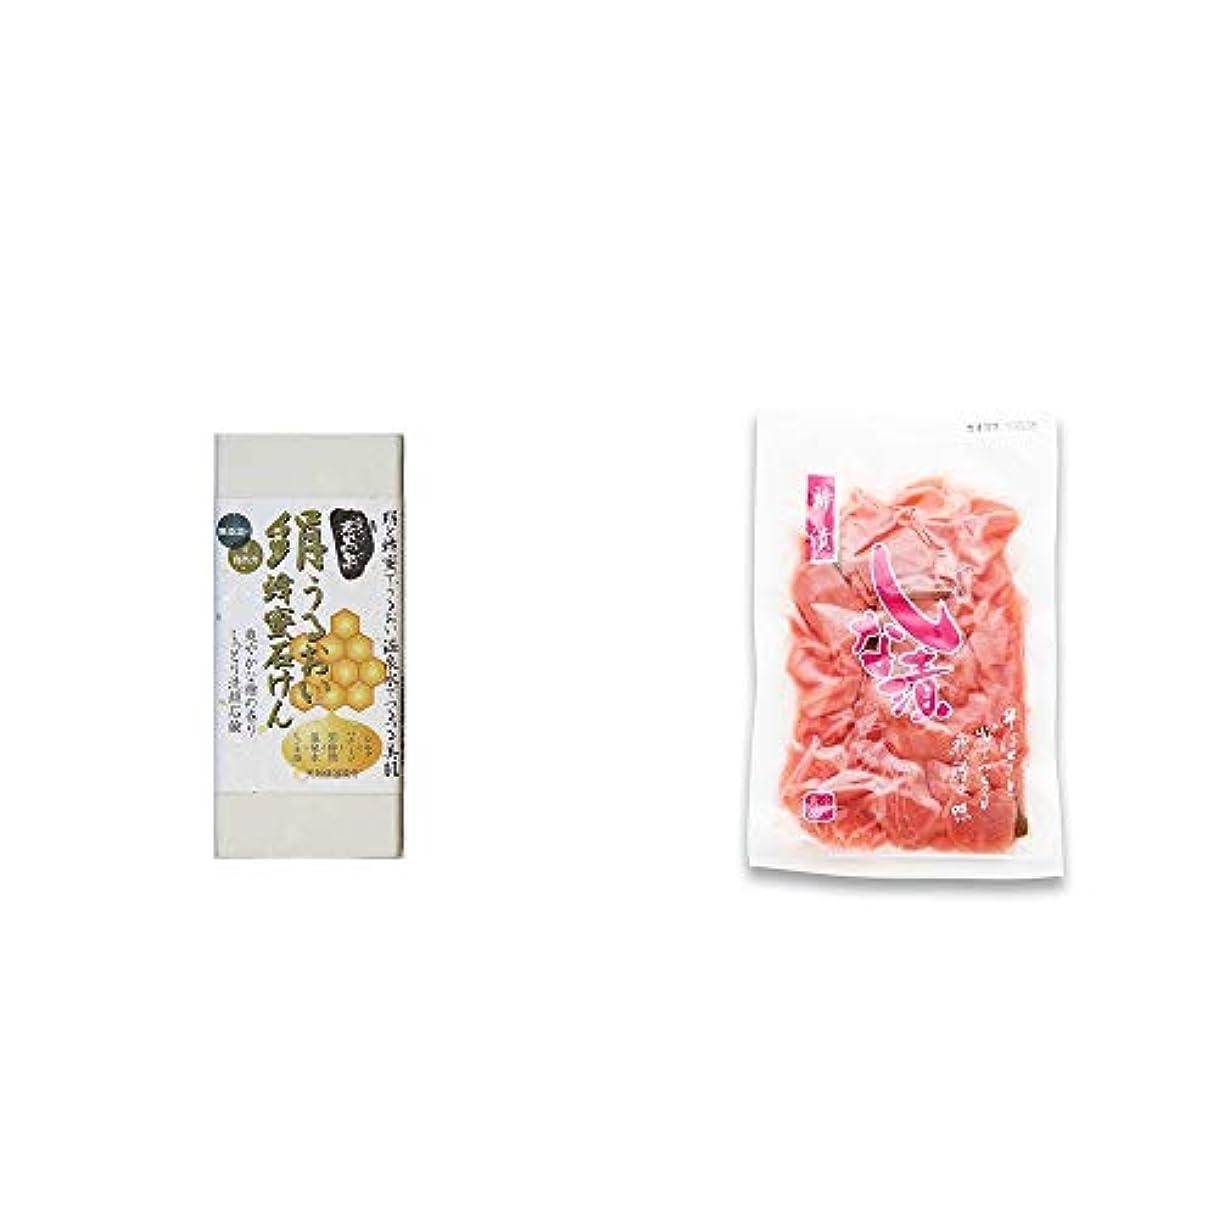 火曜日ゲートウェイ良い[2点セット] ひのき炭黒泉 絹うるおい蜂蜜石けん(75g×2)?しな漬け(160g)